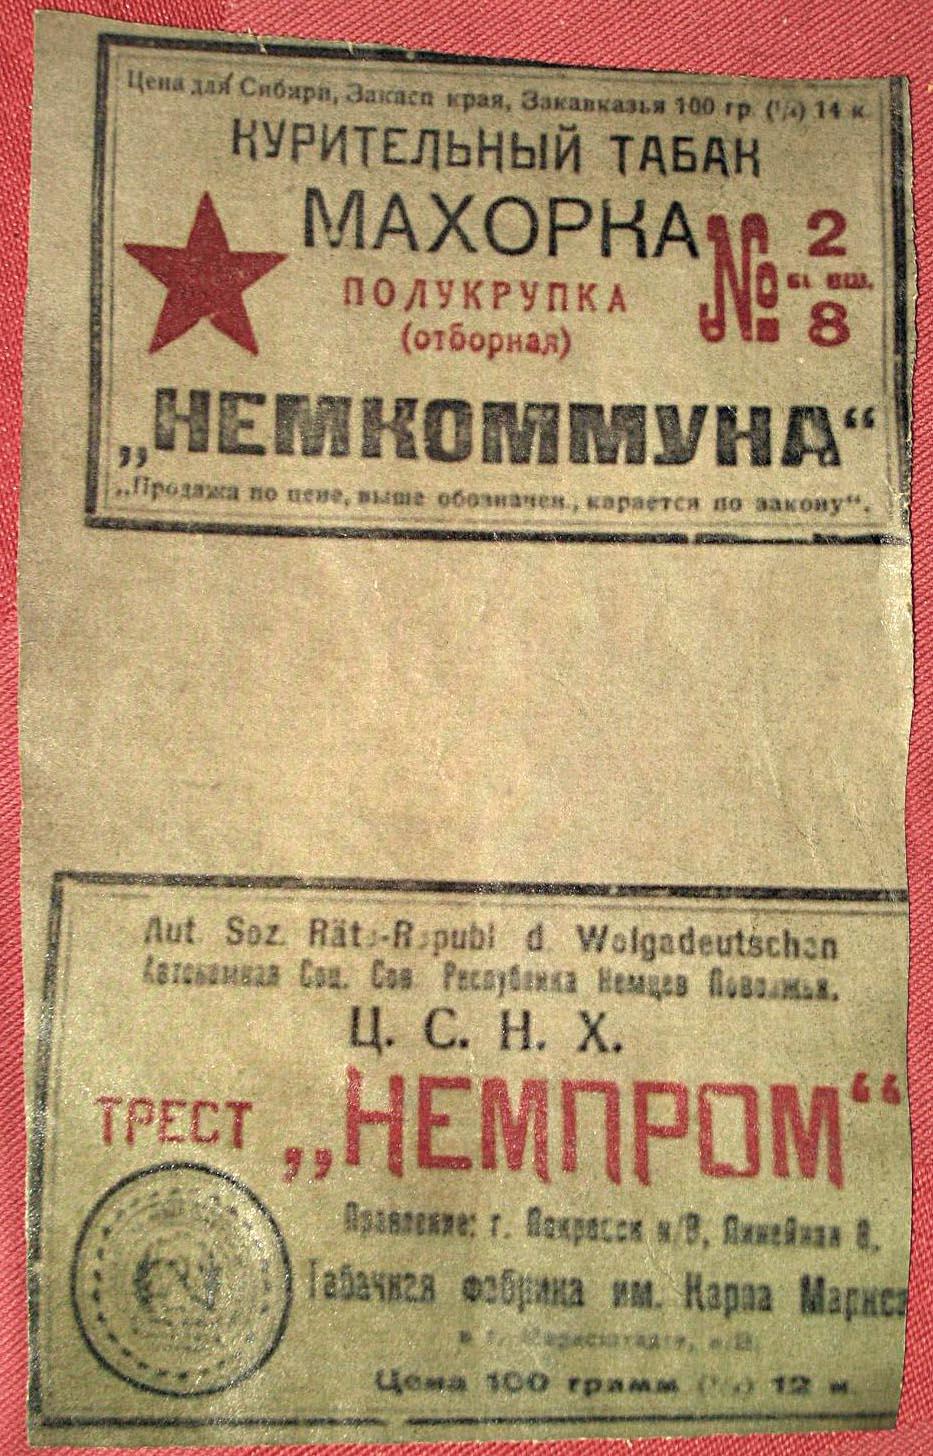 Курительный табак Махорка № 2 Немкоммуна